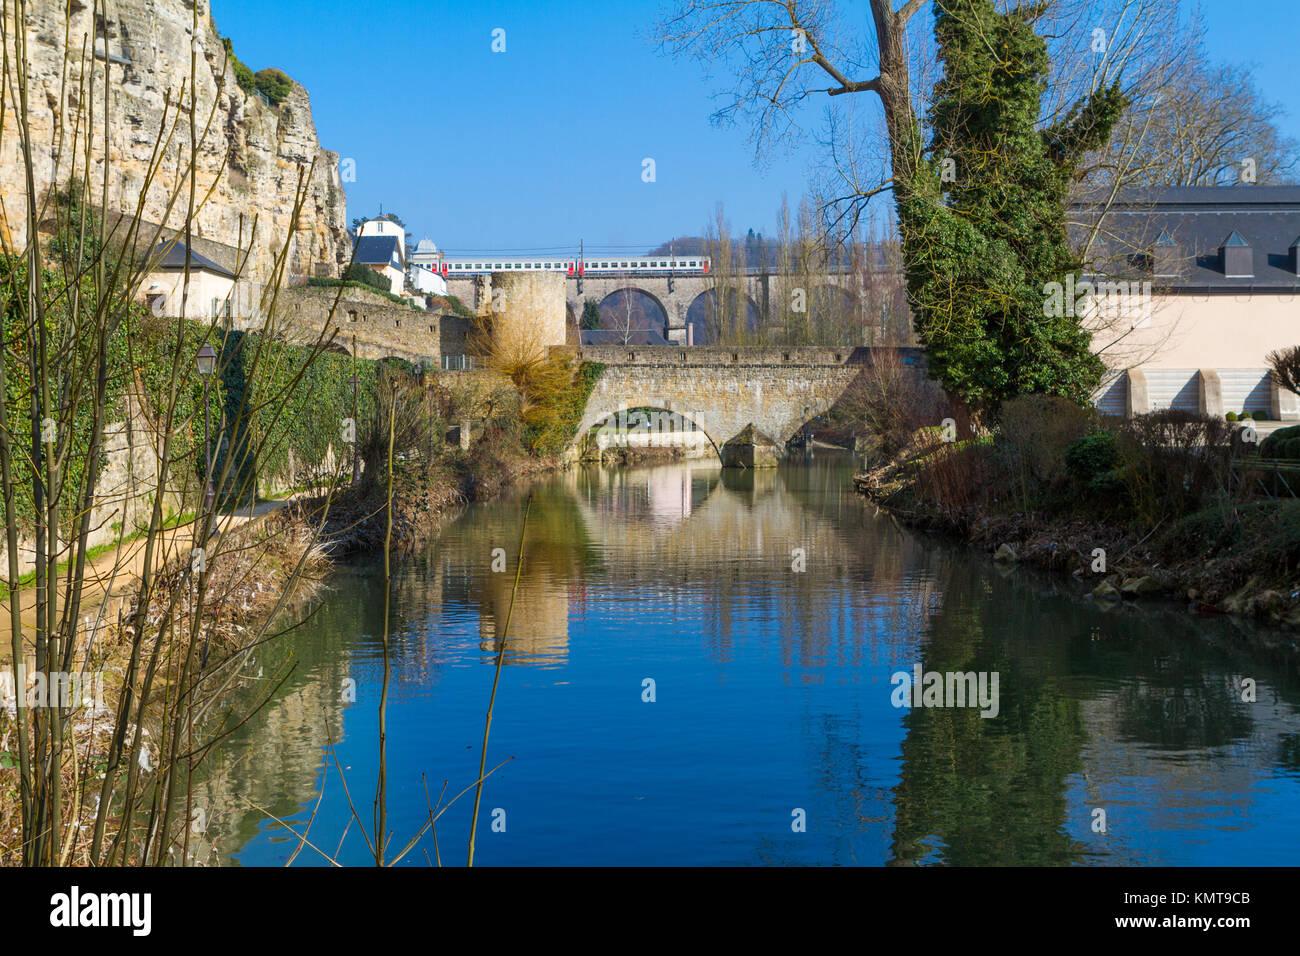 Luxembourg-Grund entlang der Alzette Fluss Stockbild